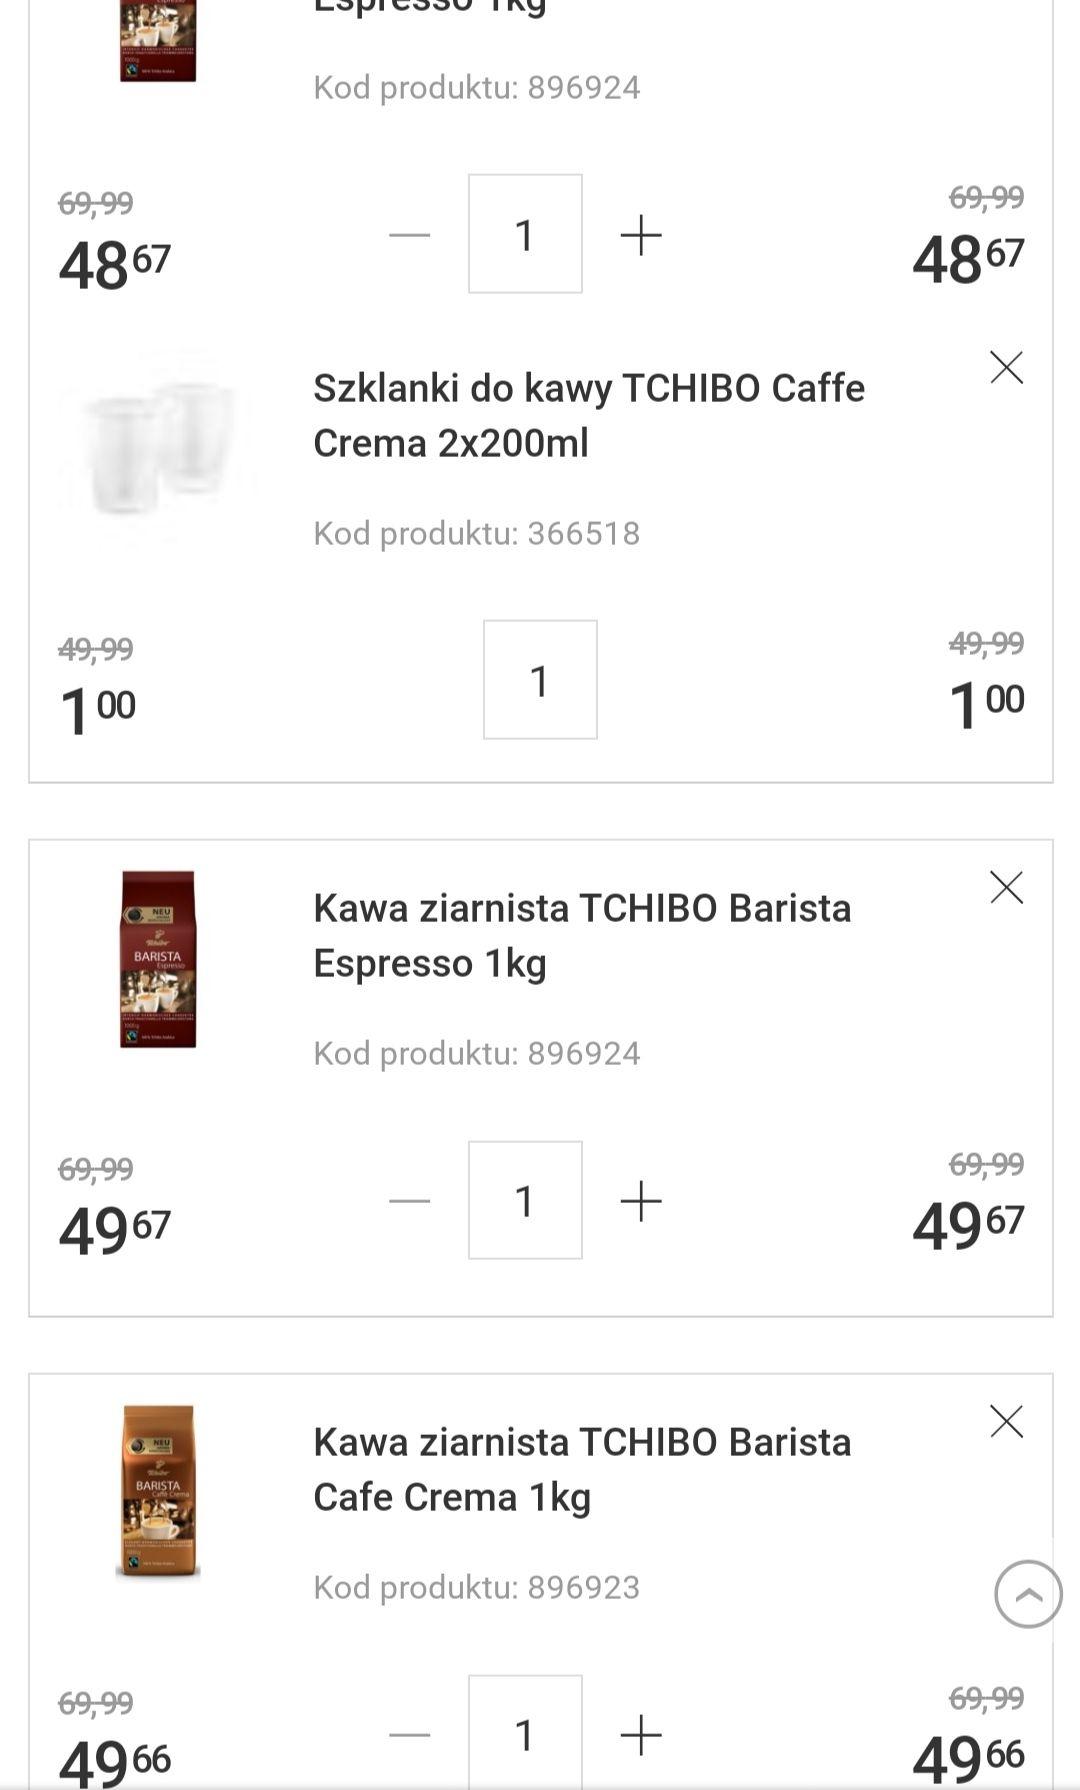 3 kawy Tchibo Barista cafe crema lub espresso 1 kg + gratis 2 szklanki termiczne Tchibo (wartość 49 zł)+ możliwy zwrot 19 zł goodie